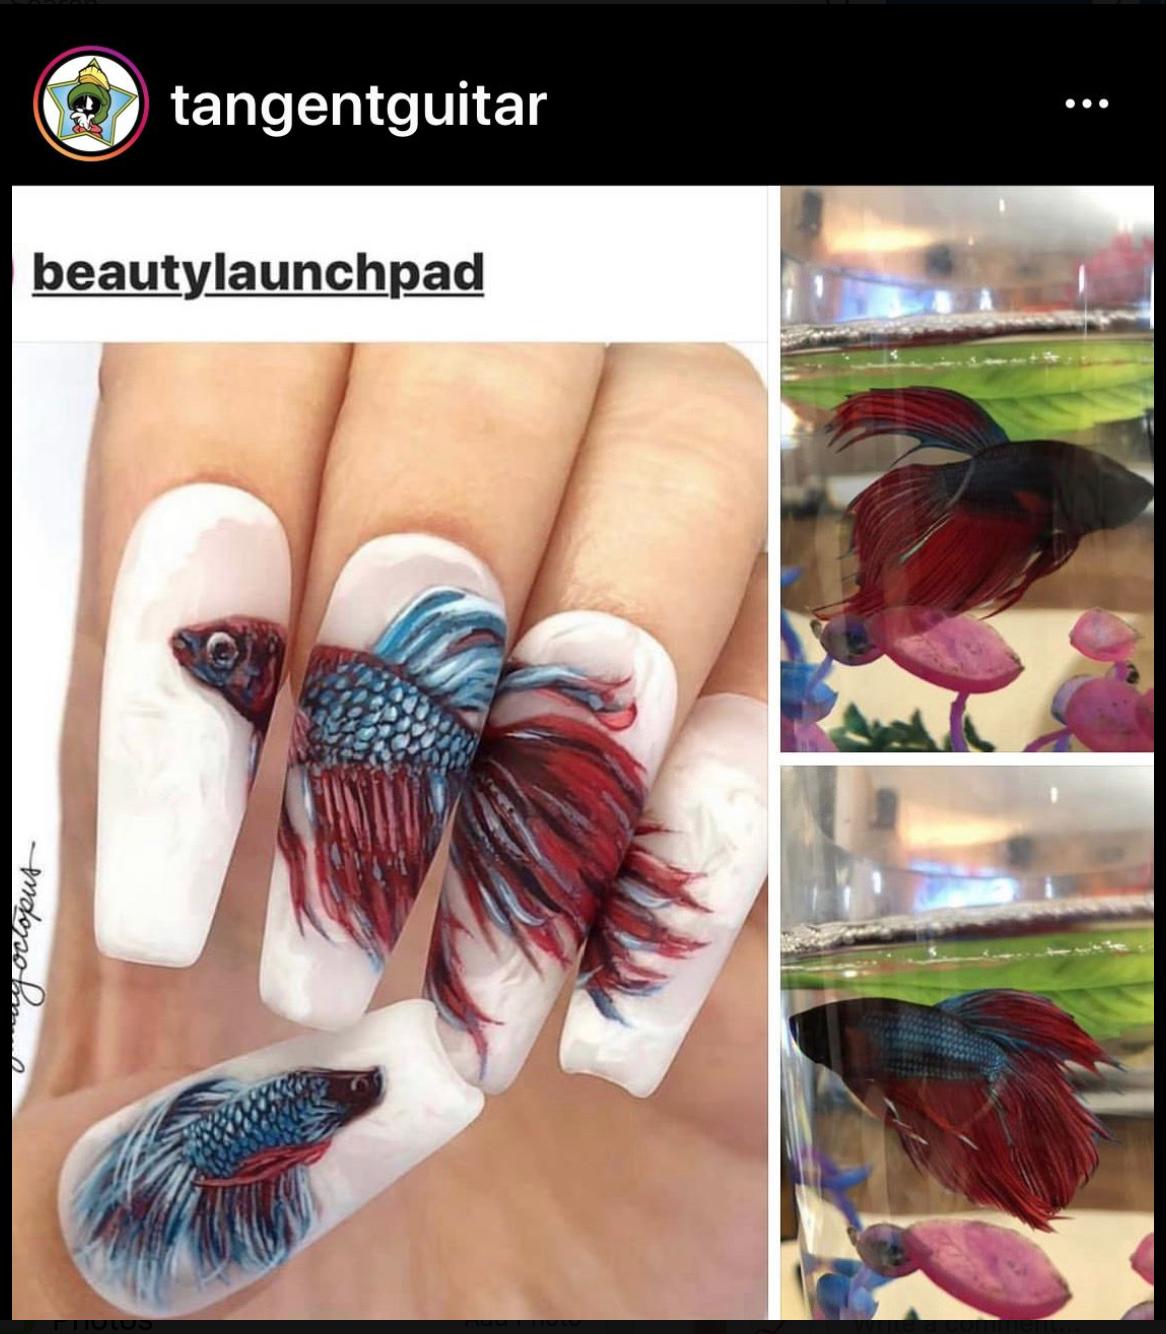 #lashsavers #nailitmag #nailpro #fishnails #BeautyLaunchpad #LaunchpadMcQ